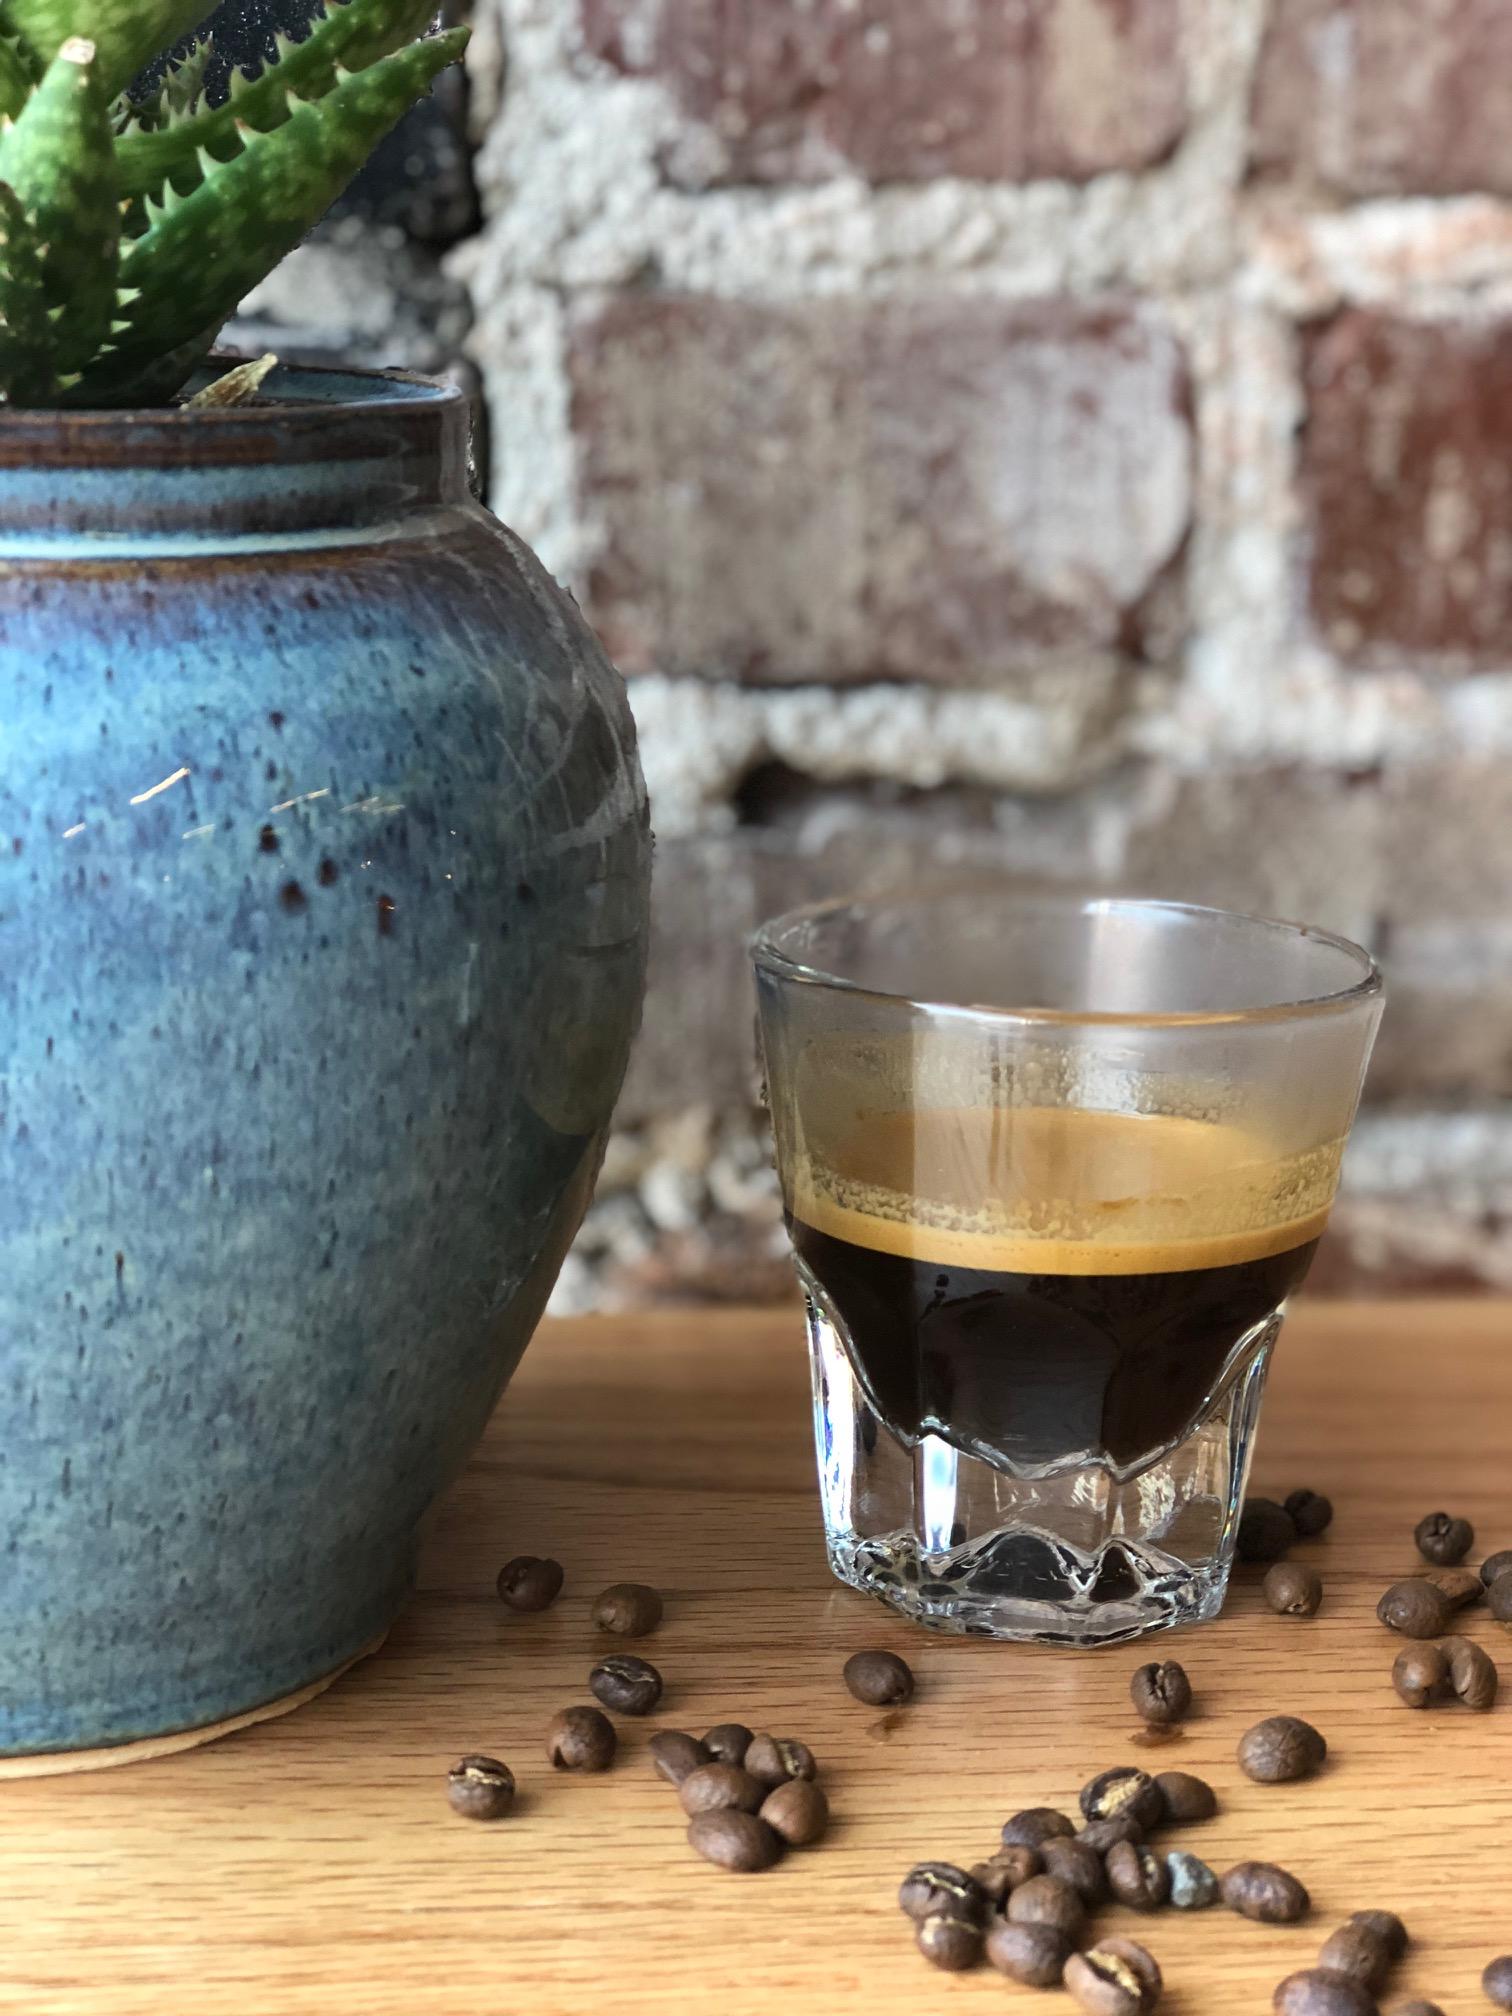 Espresso: $2.50